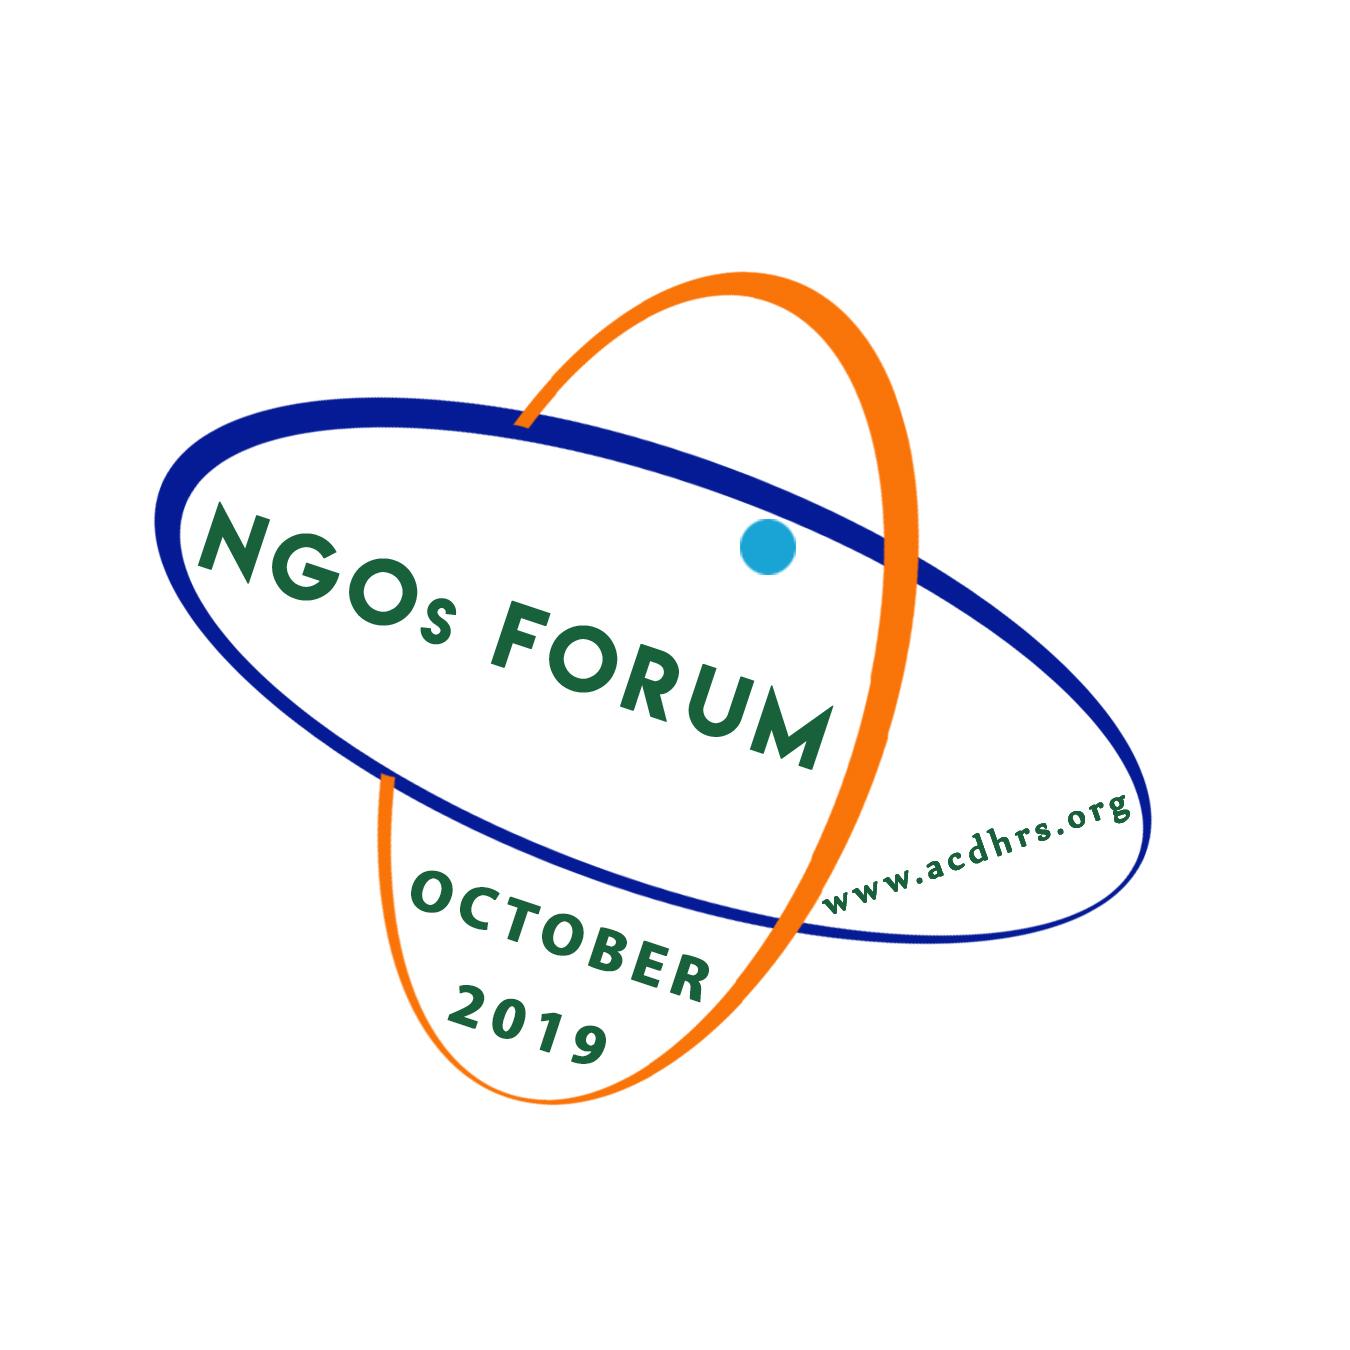 Log NGOS